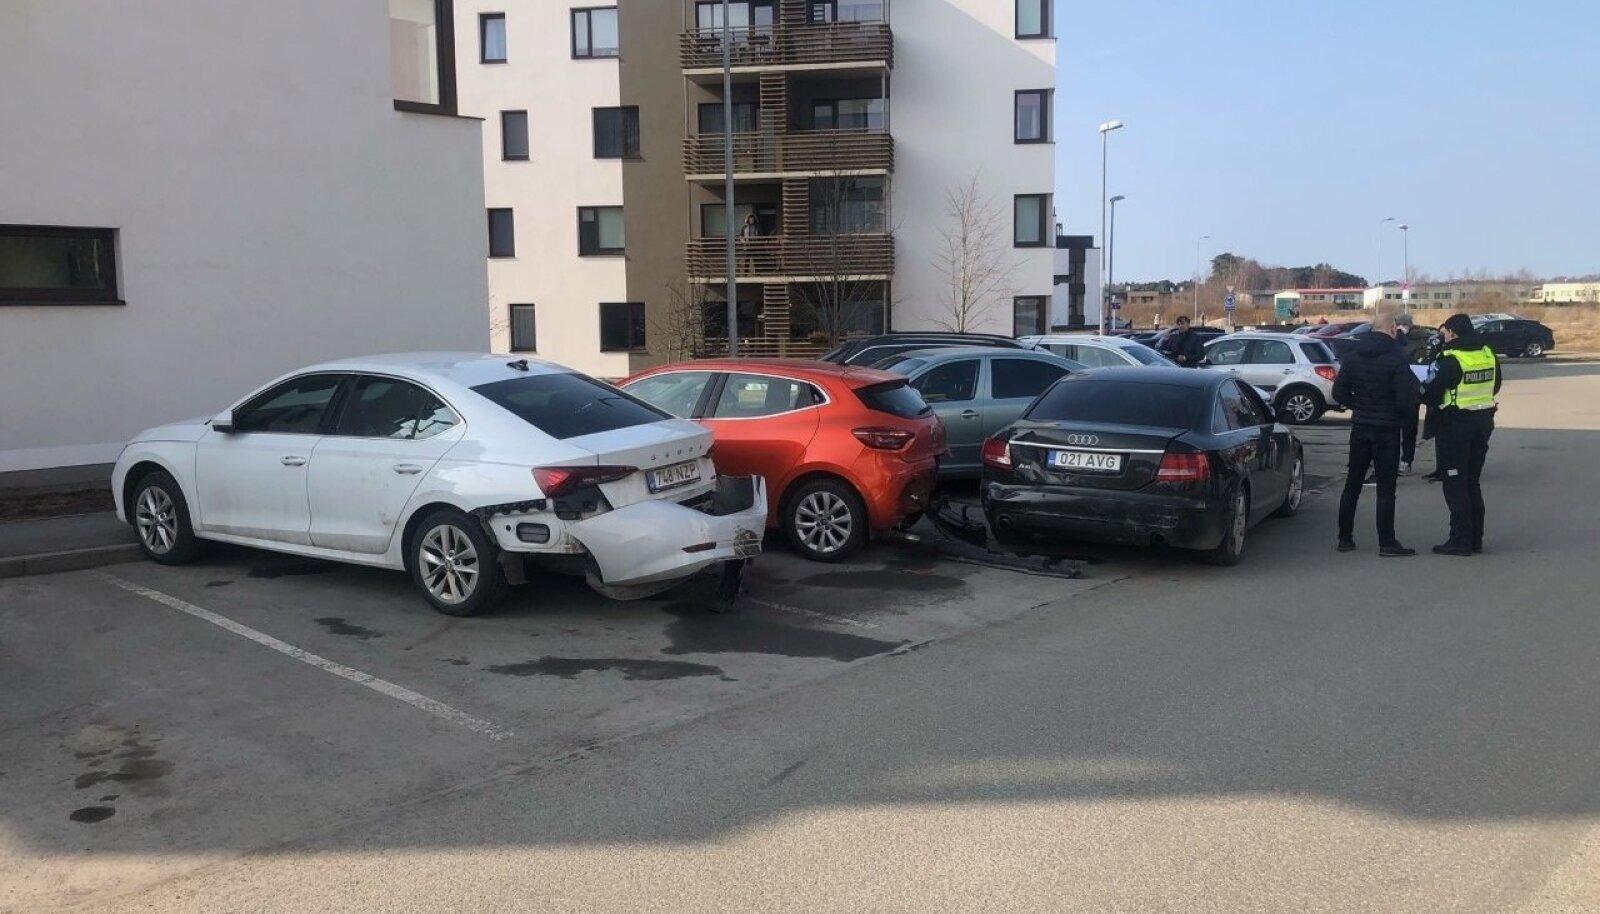 Haaberstis toimunud avarii